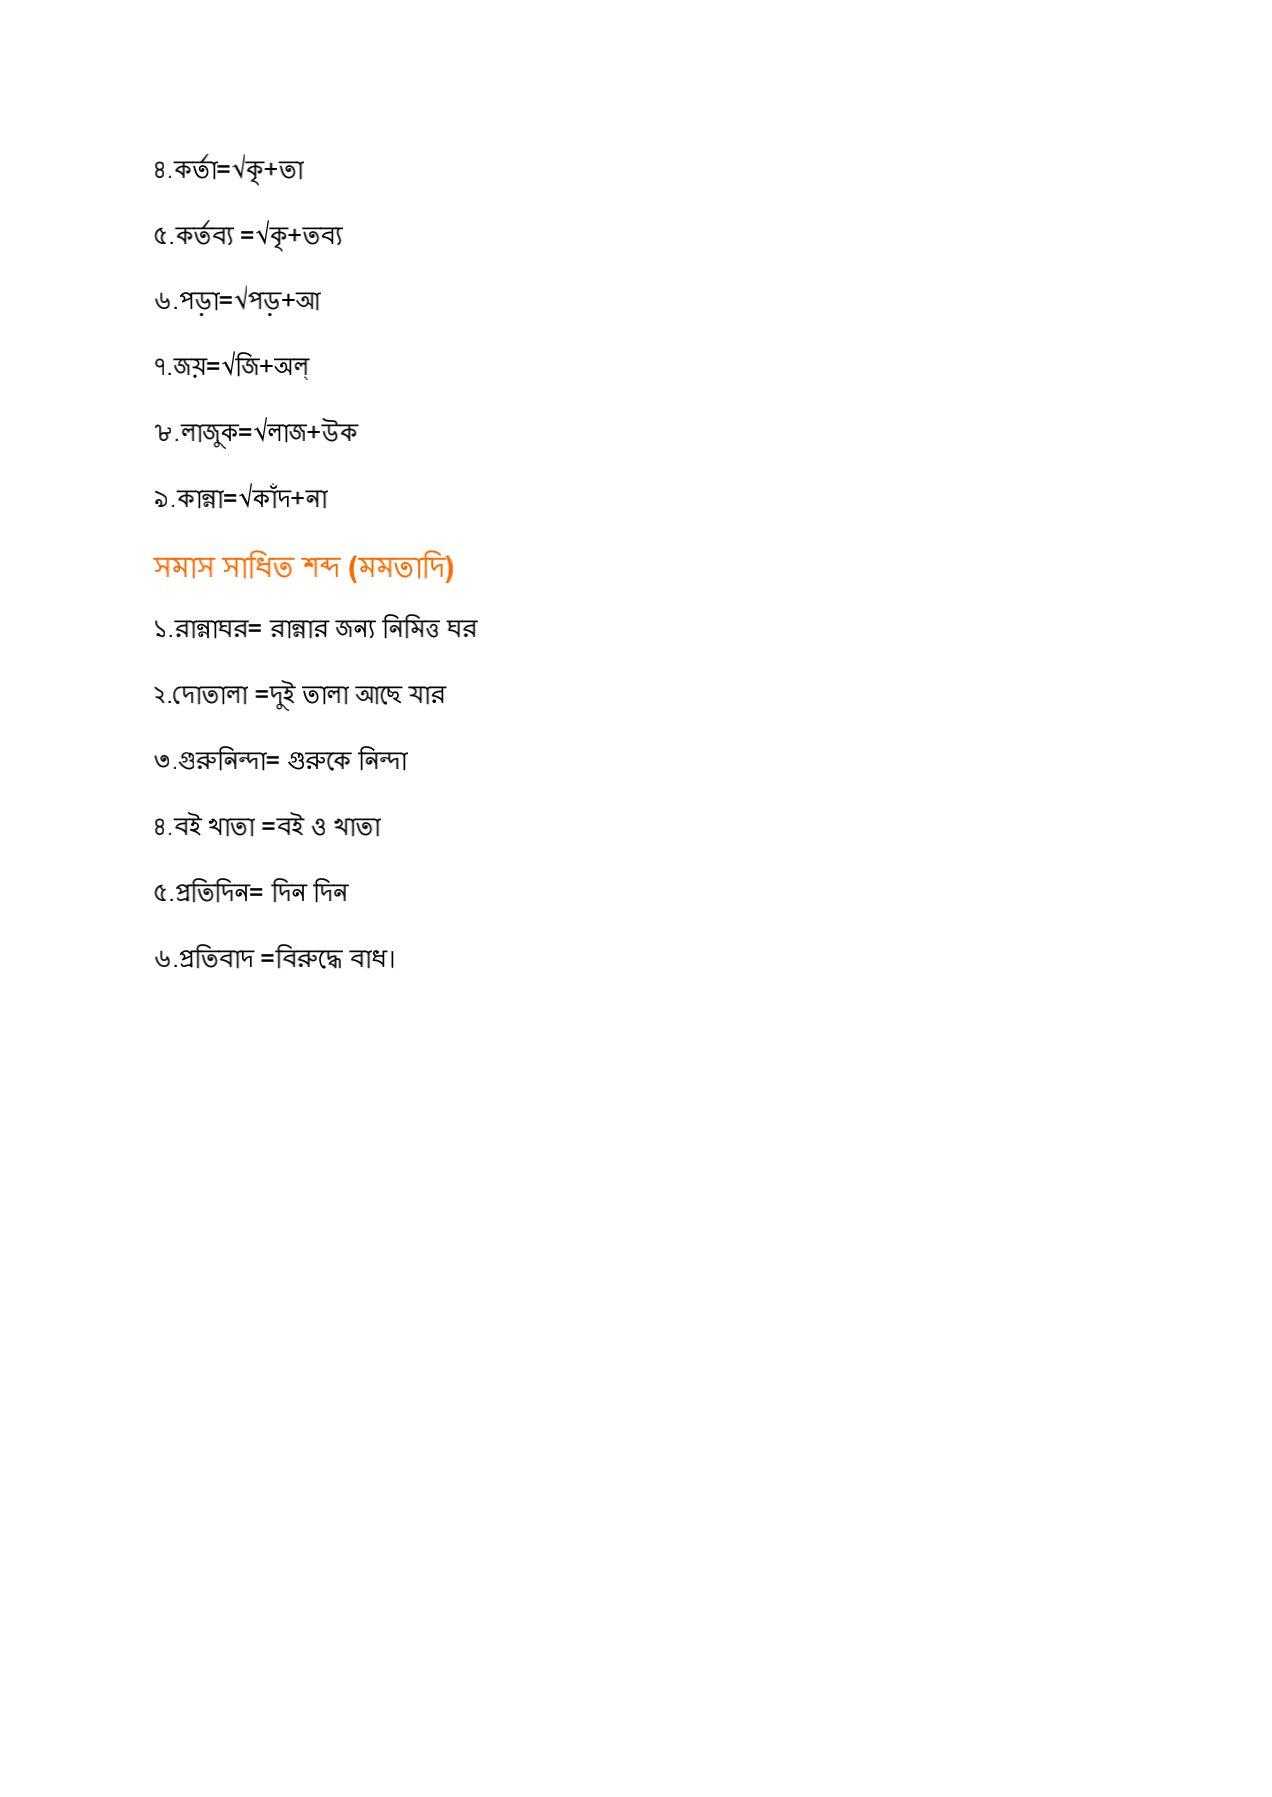 বাংলা শব্দগঠনের উপায় বর্ণনা এবং  মমতাদি গল্প থেকে  সাধিত শব্দ বিশ্লেষণ-এসএসসি এসাইনমেন্ট ২০২২ উত্তর/সমাধান বাংলা ২য় পত্র -৮ম সপ্তাহ (এসাইনমেন্ট ৩) -২০২২ সালের এসএসসি ৮ম সপ্তাহের বাংলা ২য় পত্র এসাইনমেন্ট সমাধান /উত্তর